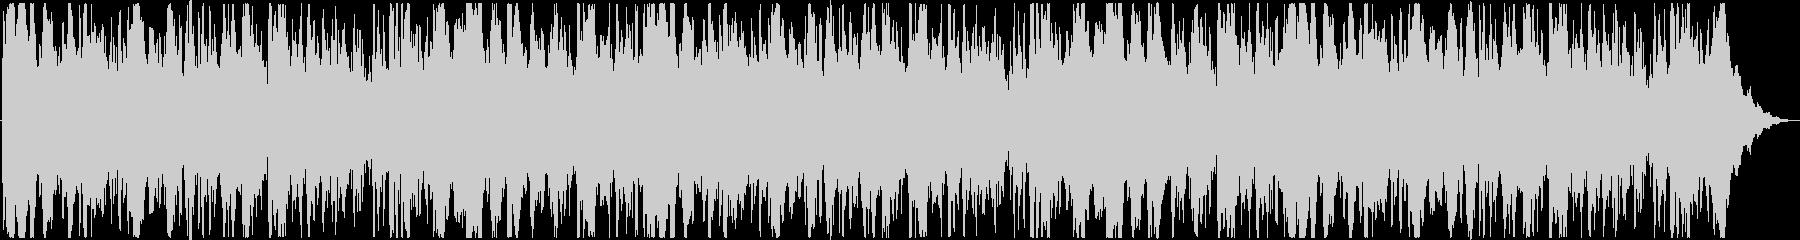 ドローン モンキードローン02の未再生の波形